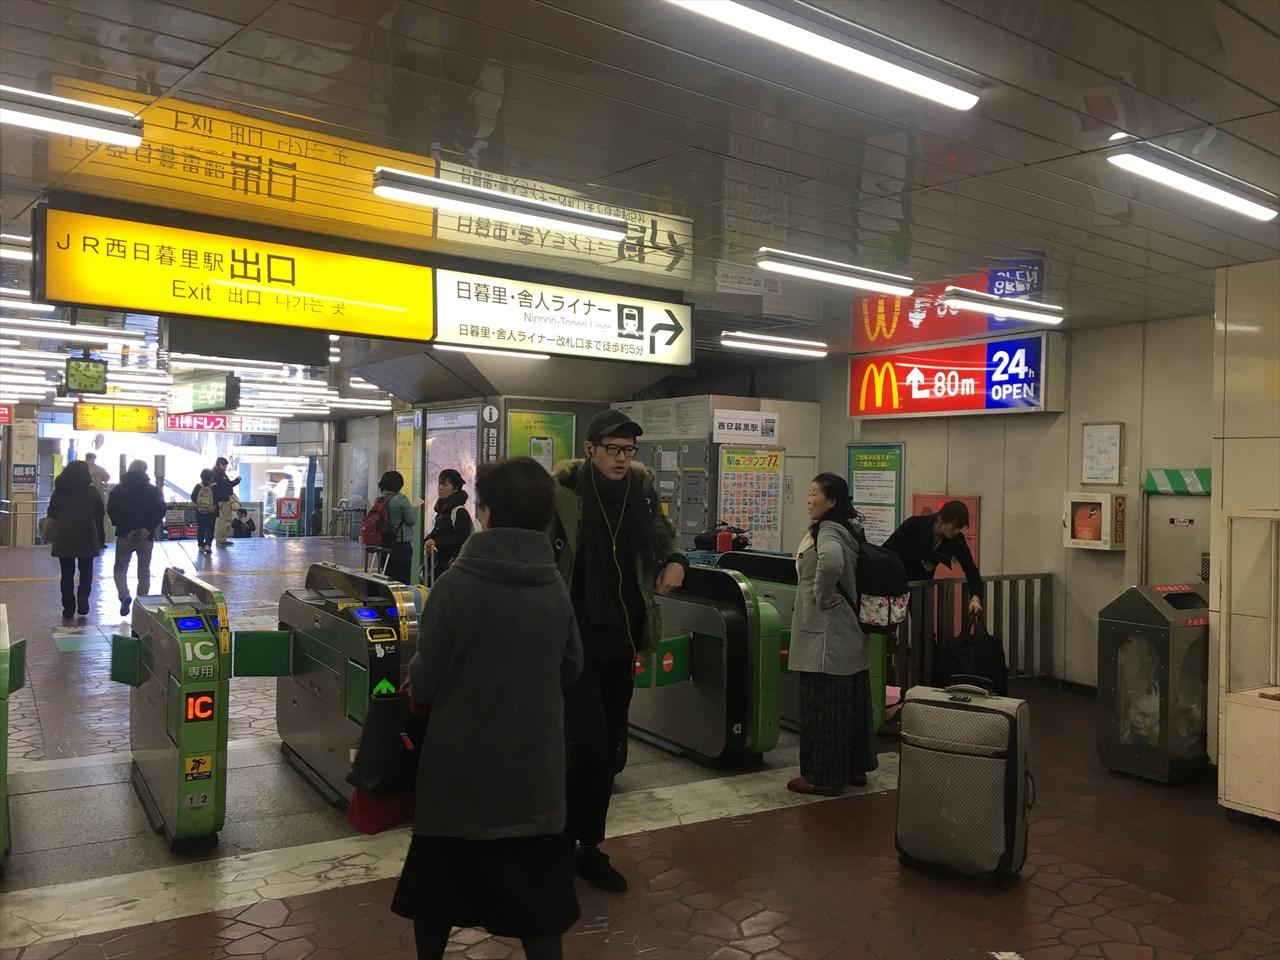 駅 西 日暮里 「日暮里駅」から「西大宮駅」始発検索